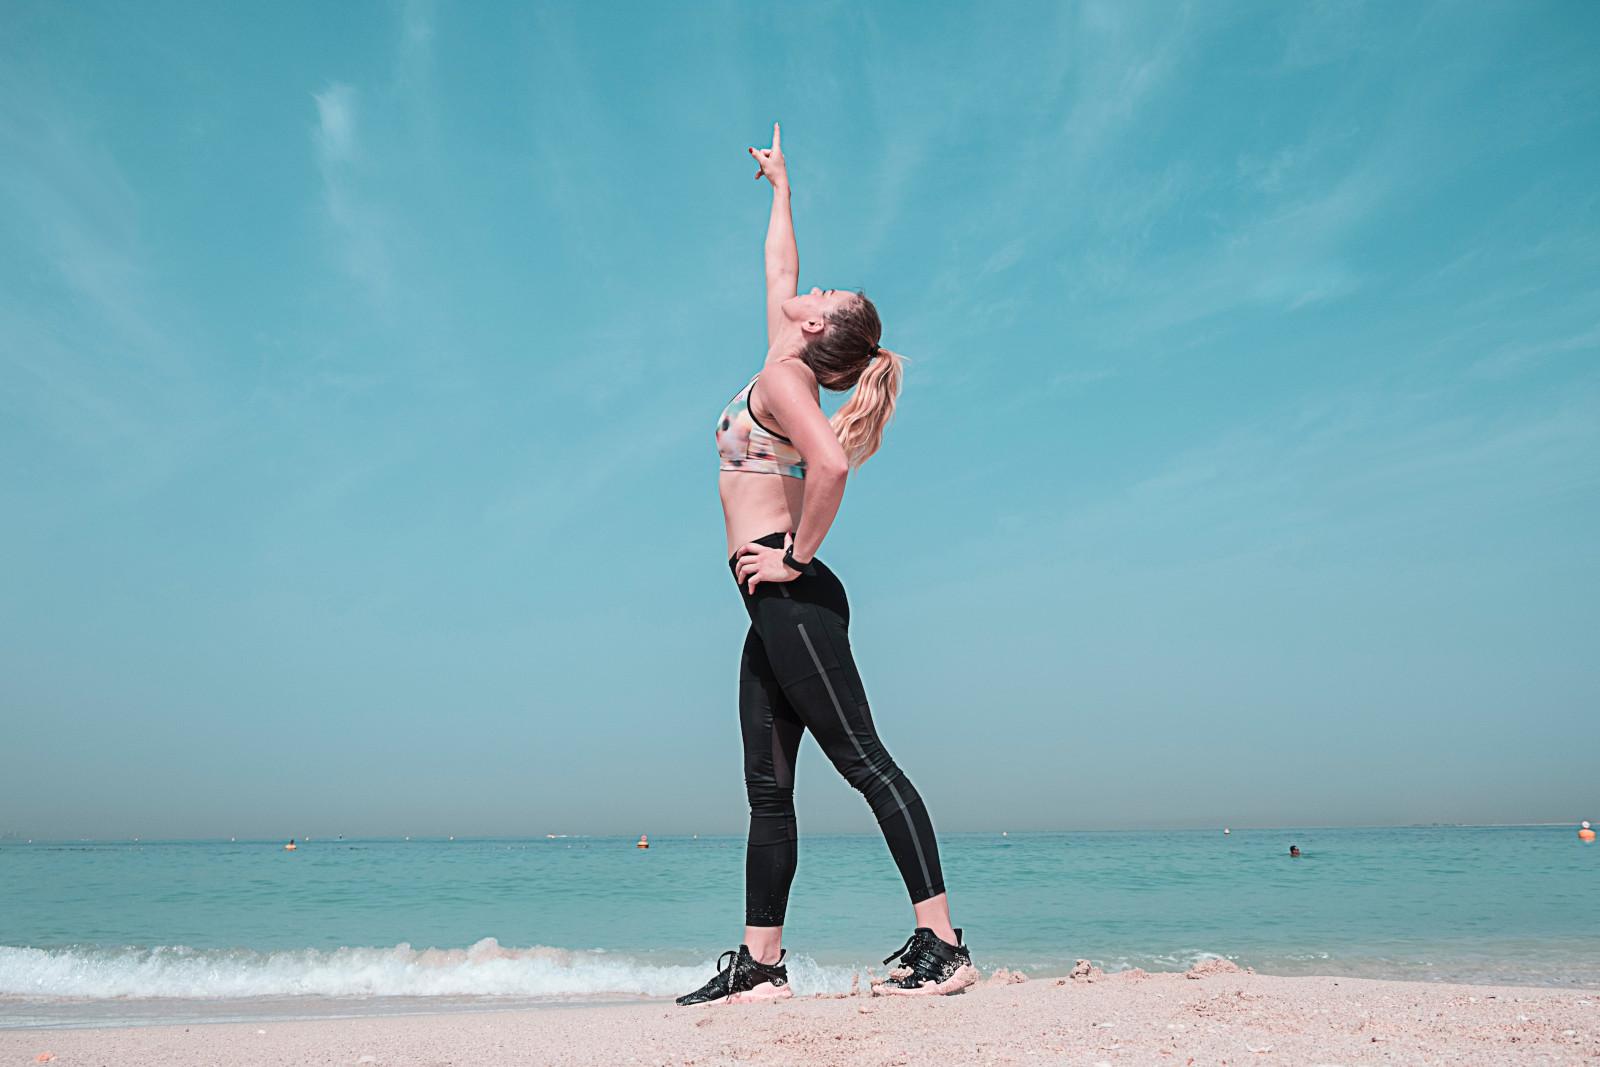 szczupla kobieta na plazy